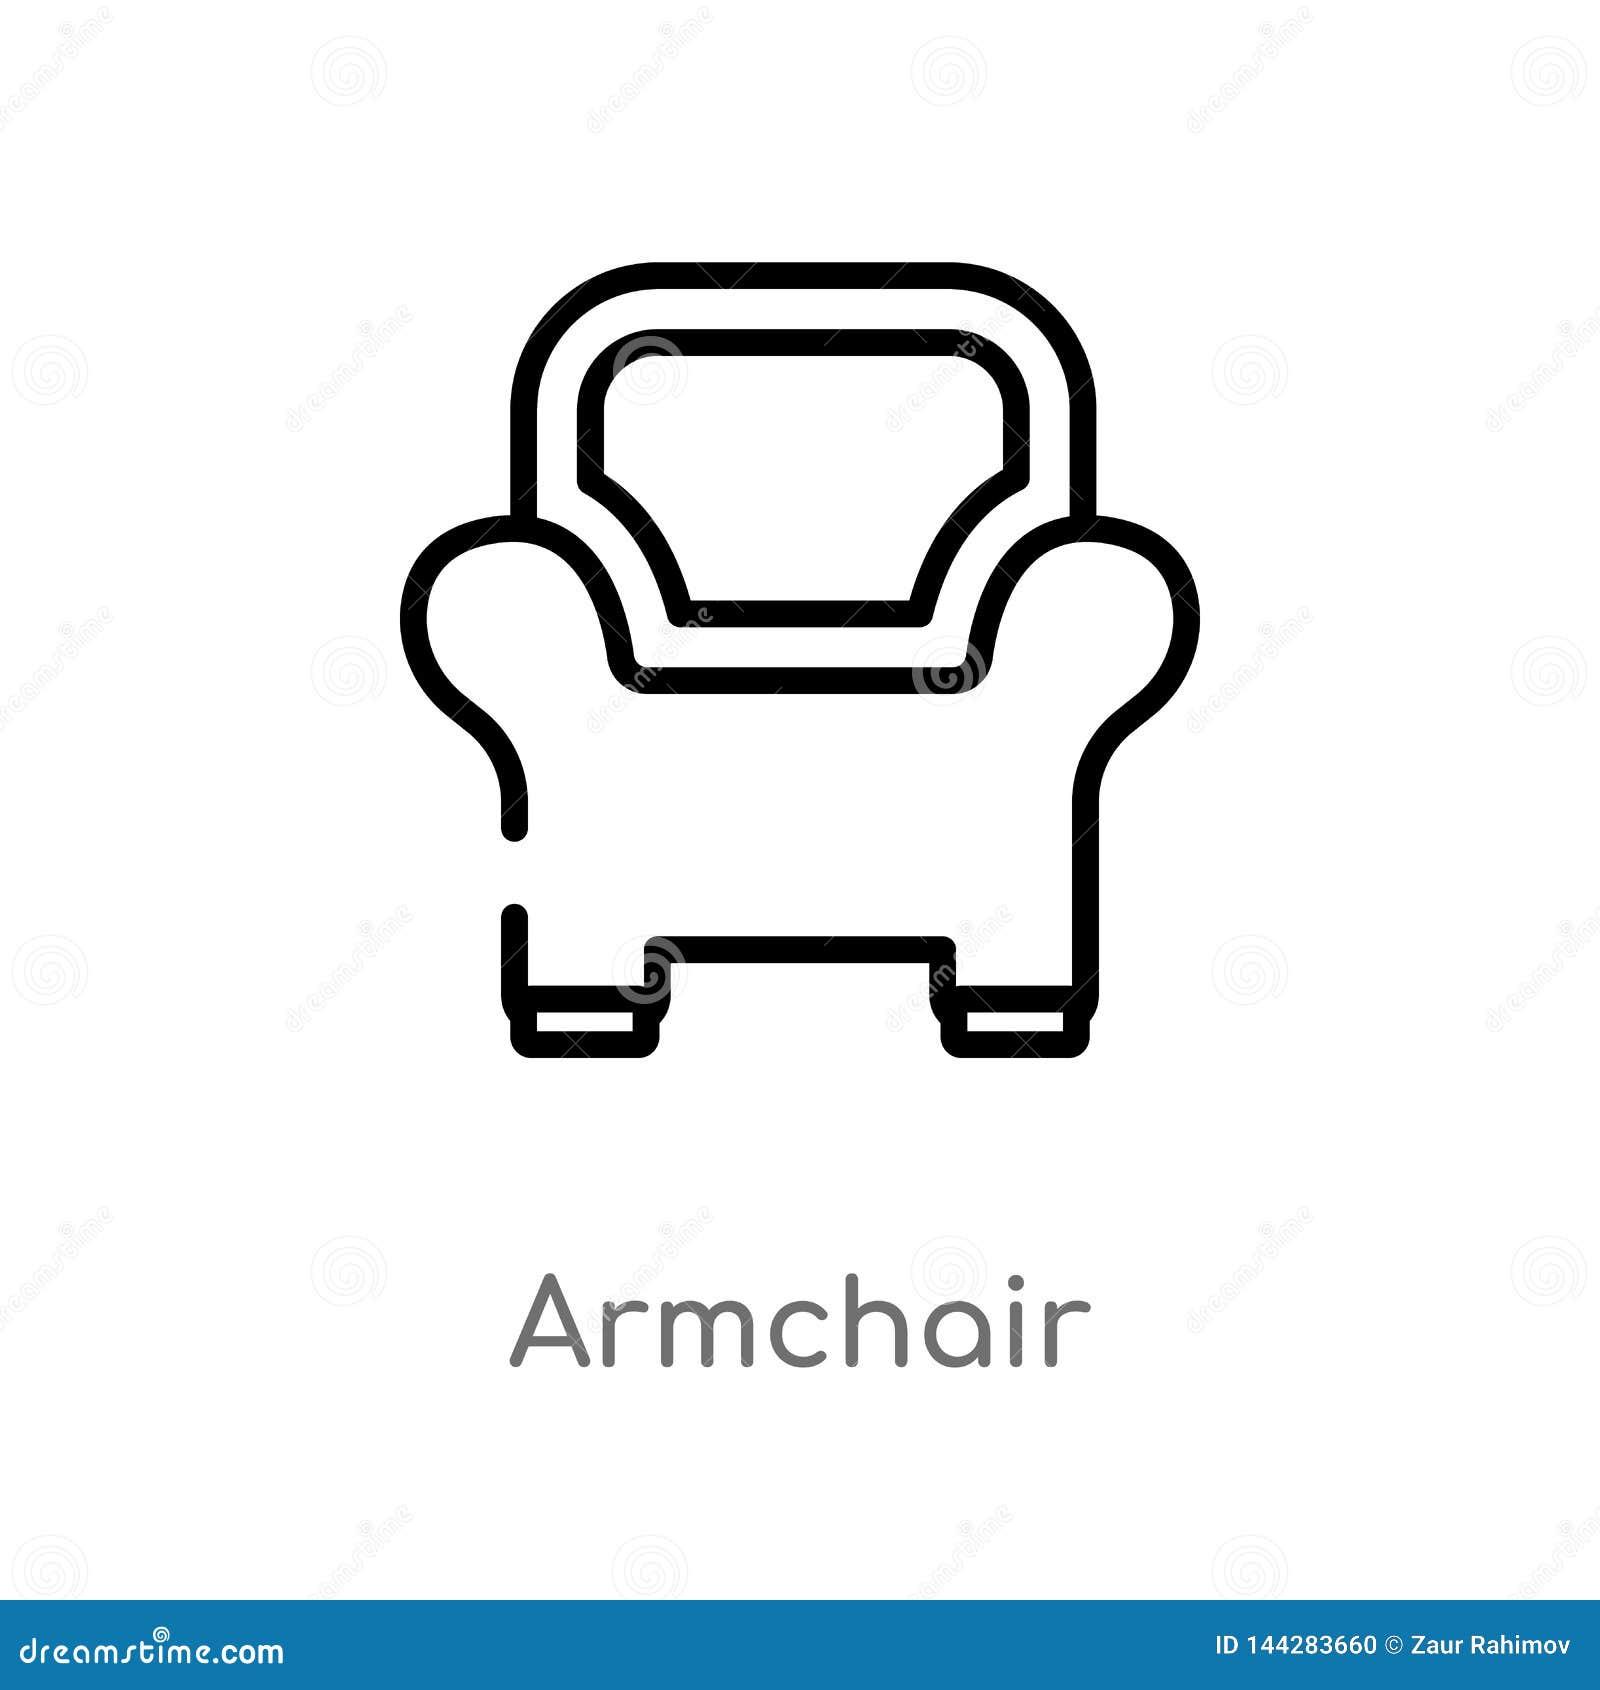 Icono del vector de la butaca del esquema l?nea simple negra aislada ejemplo del elemento del concepto de los muebles Movimiento